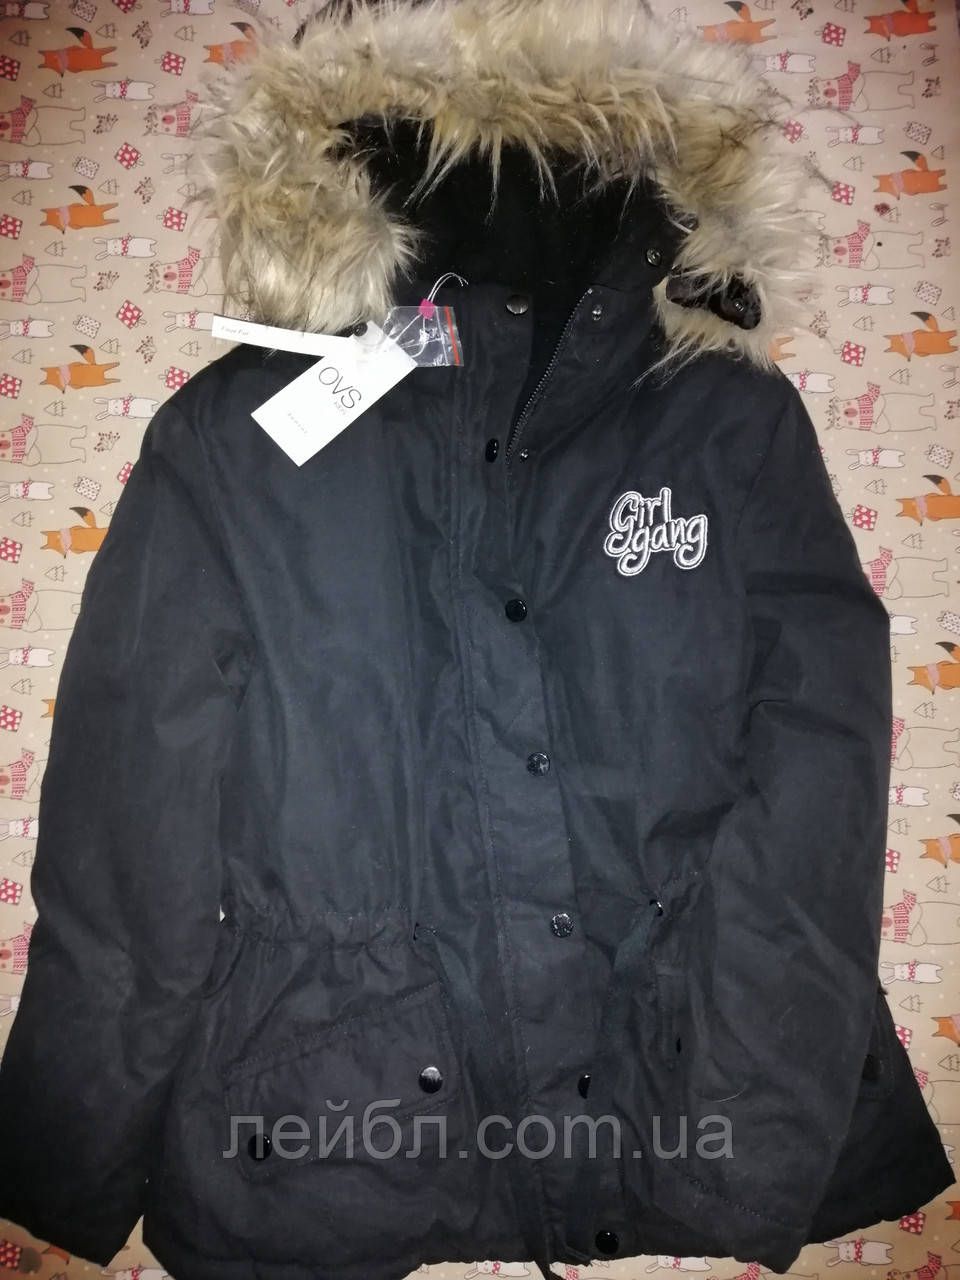 Курточка детская зимняя для девочки OVS (Италия) рост 152см.